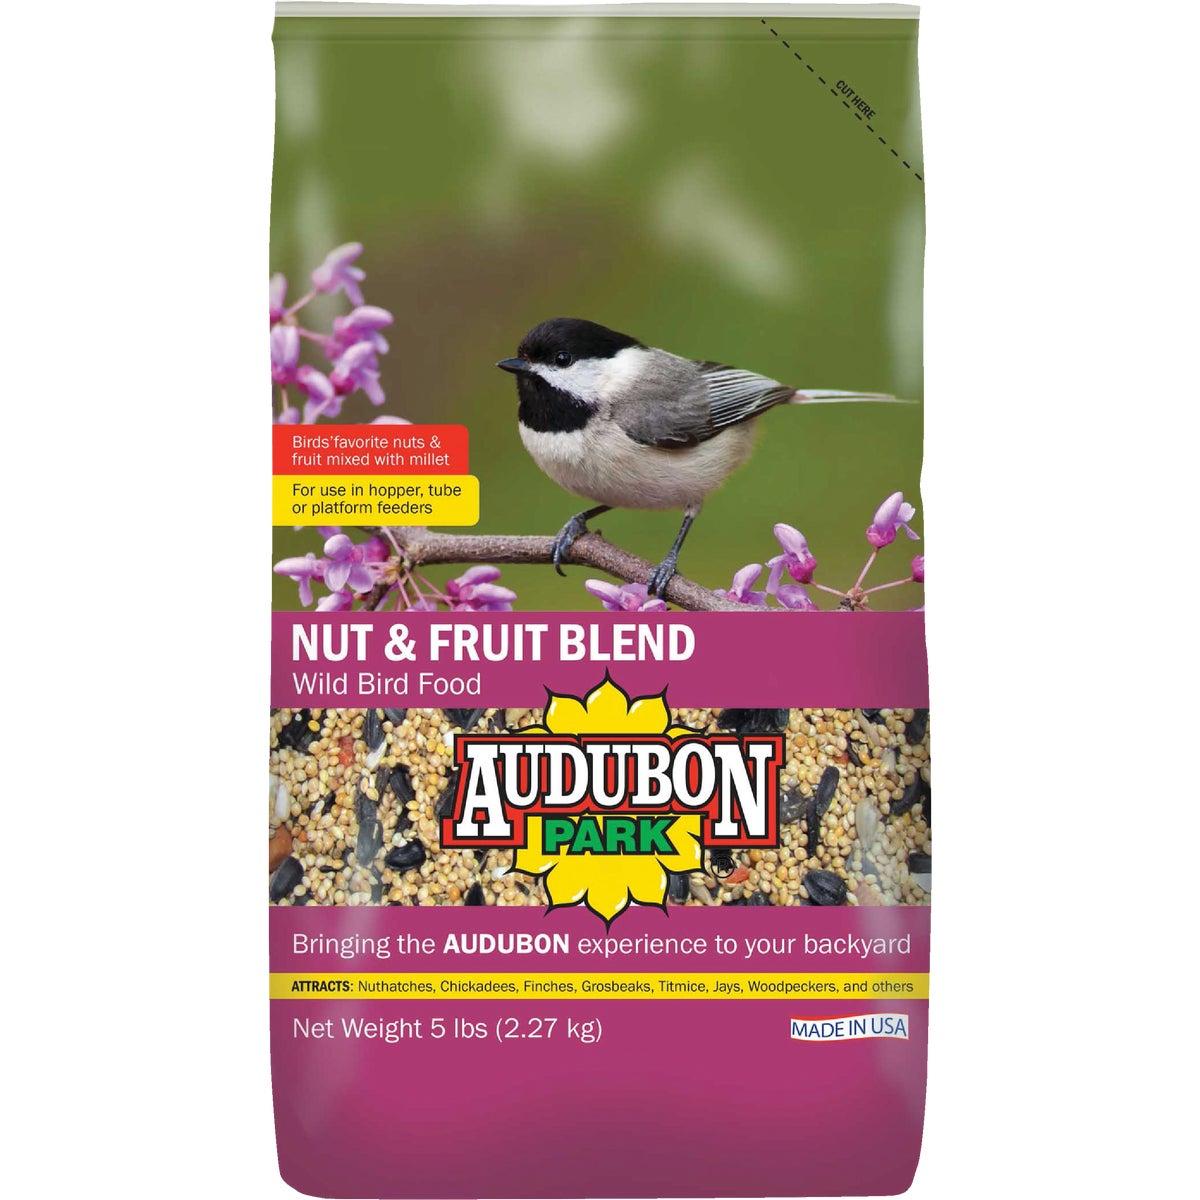 NUT & FRUIT BLEND 7LB